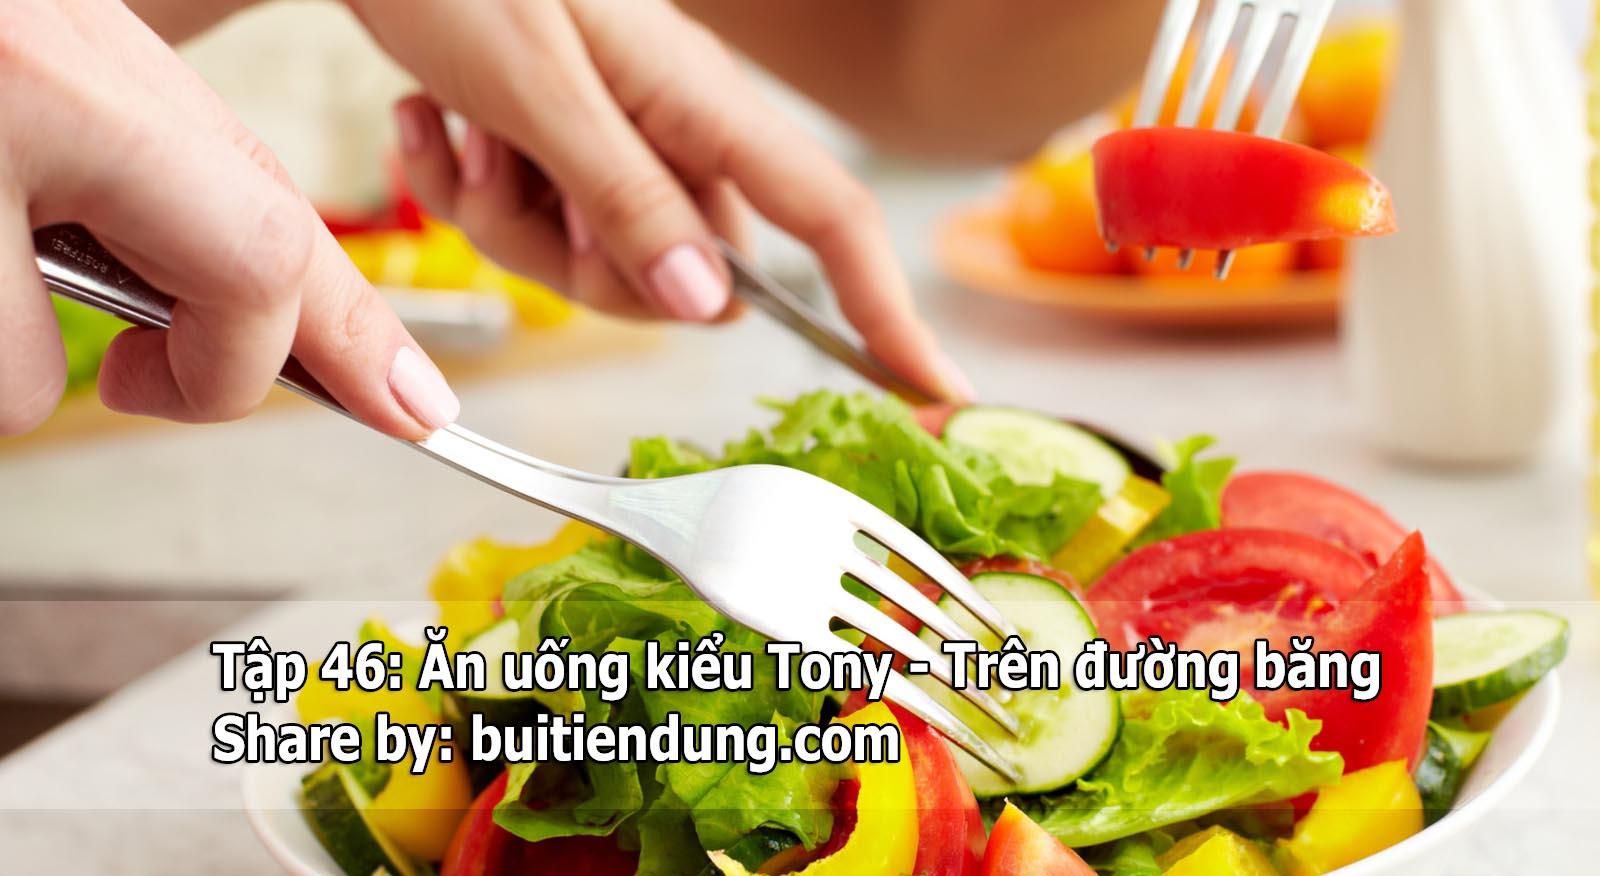 tap-46-an-uong-kieu-tony-tren-duong-bang-tony-buoi-sang